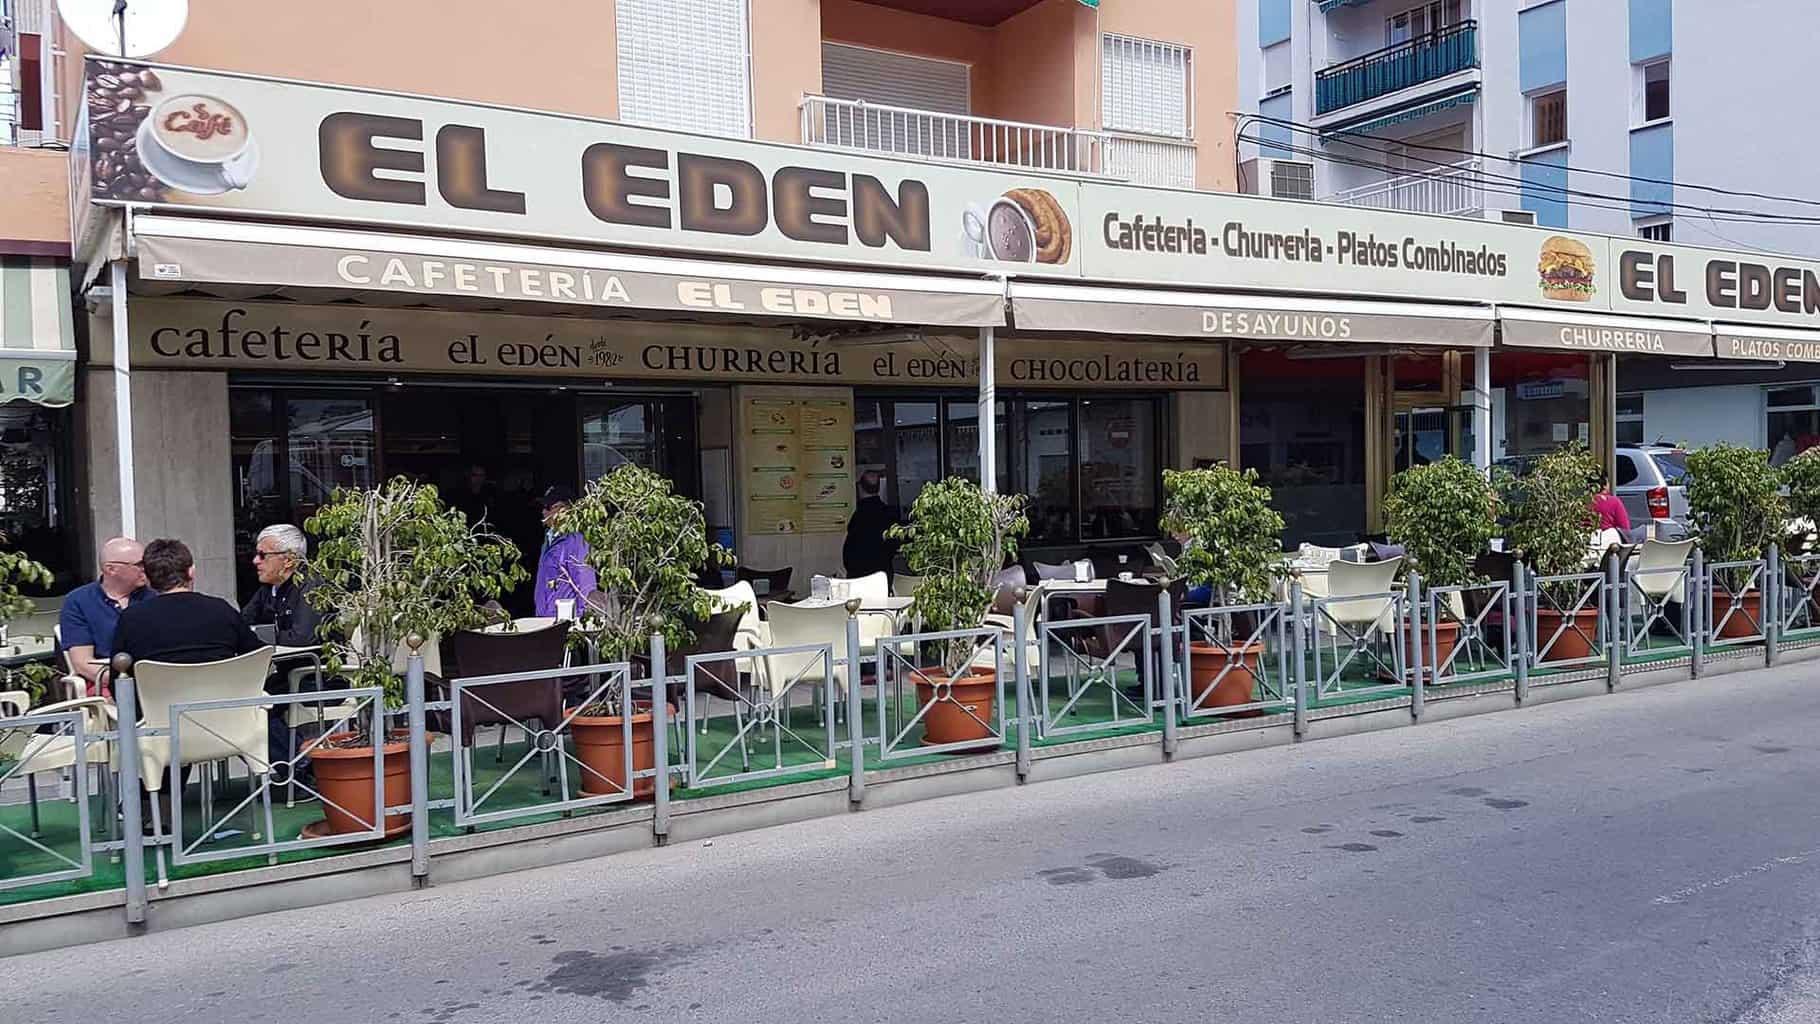 El Eden